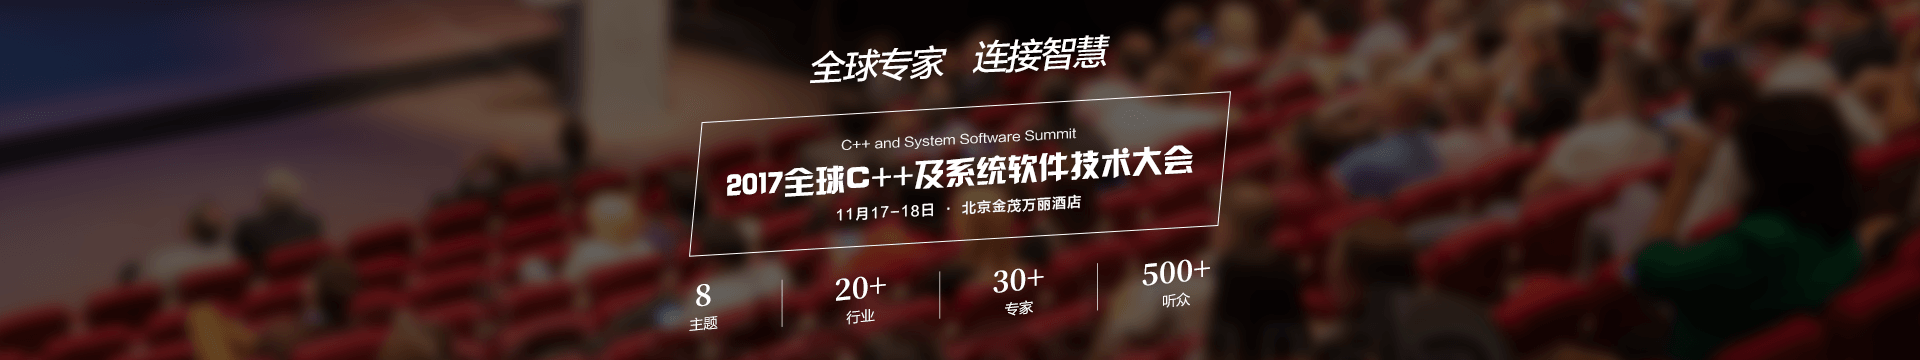 2018中国第十六届软件技术大会